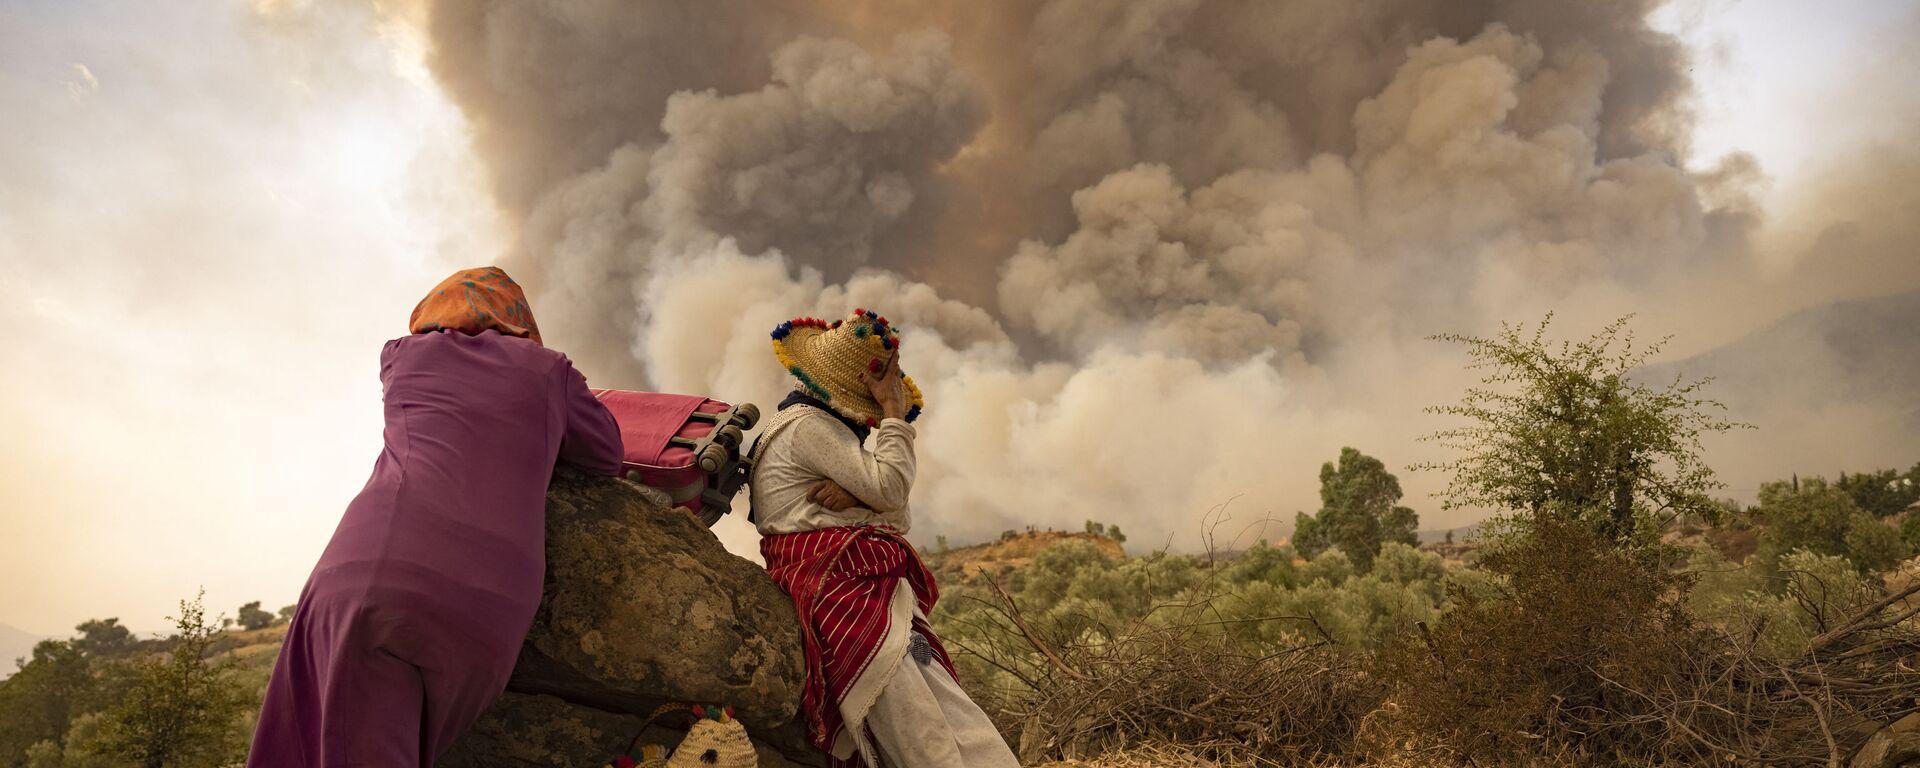 Женщины с вещами на дороге во время лесных пожаров в районе Шефшауэн на севере Марокко - Sputnik Česká republika, 1920, 17.08.2021